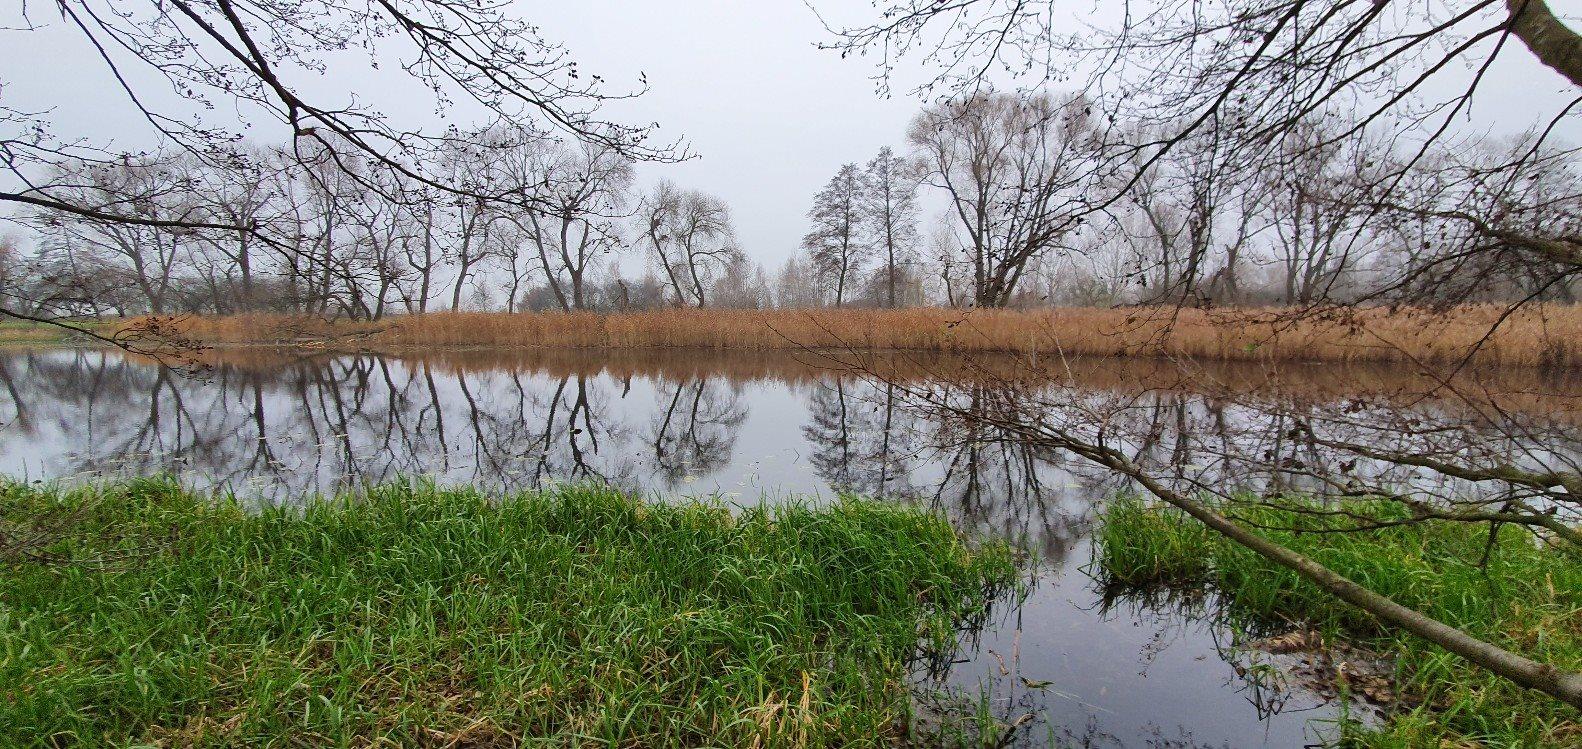 Działka budowlana na sprzedaż Konstacin-Jeziorna, Cieciszew  2900m2 Foto 2